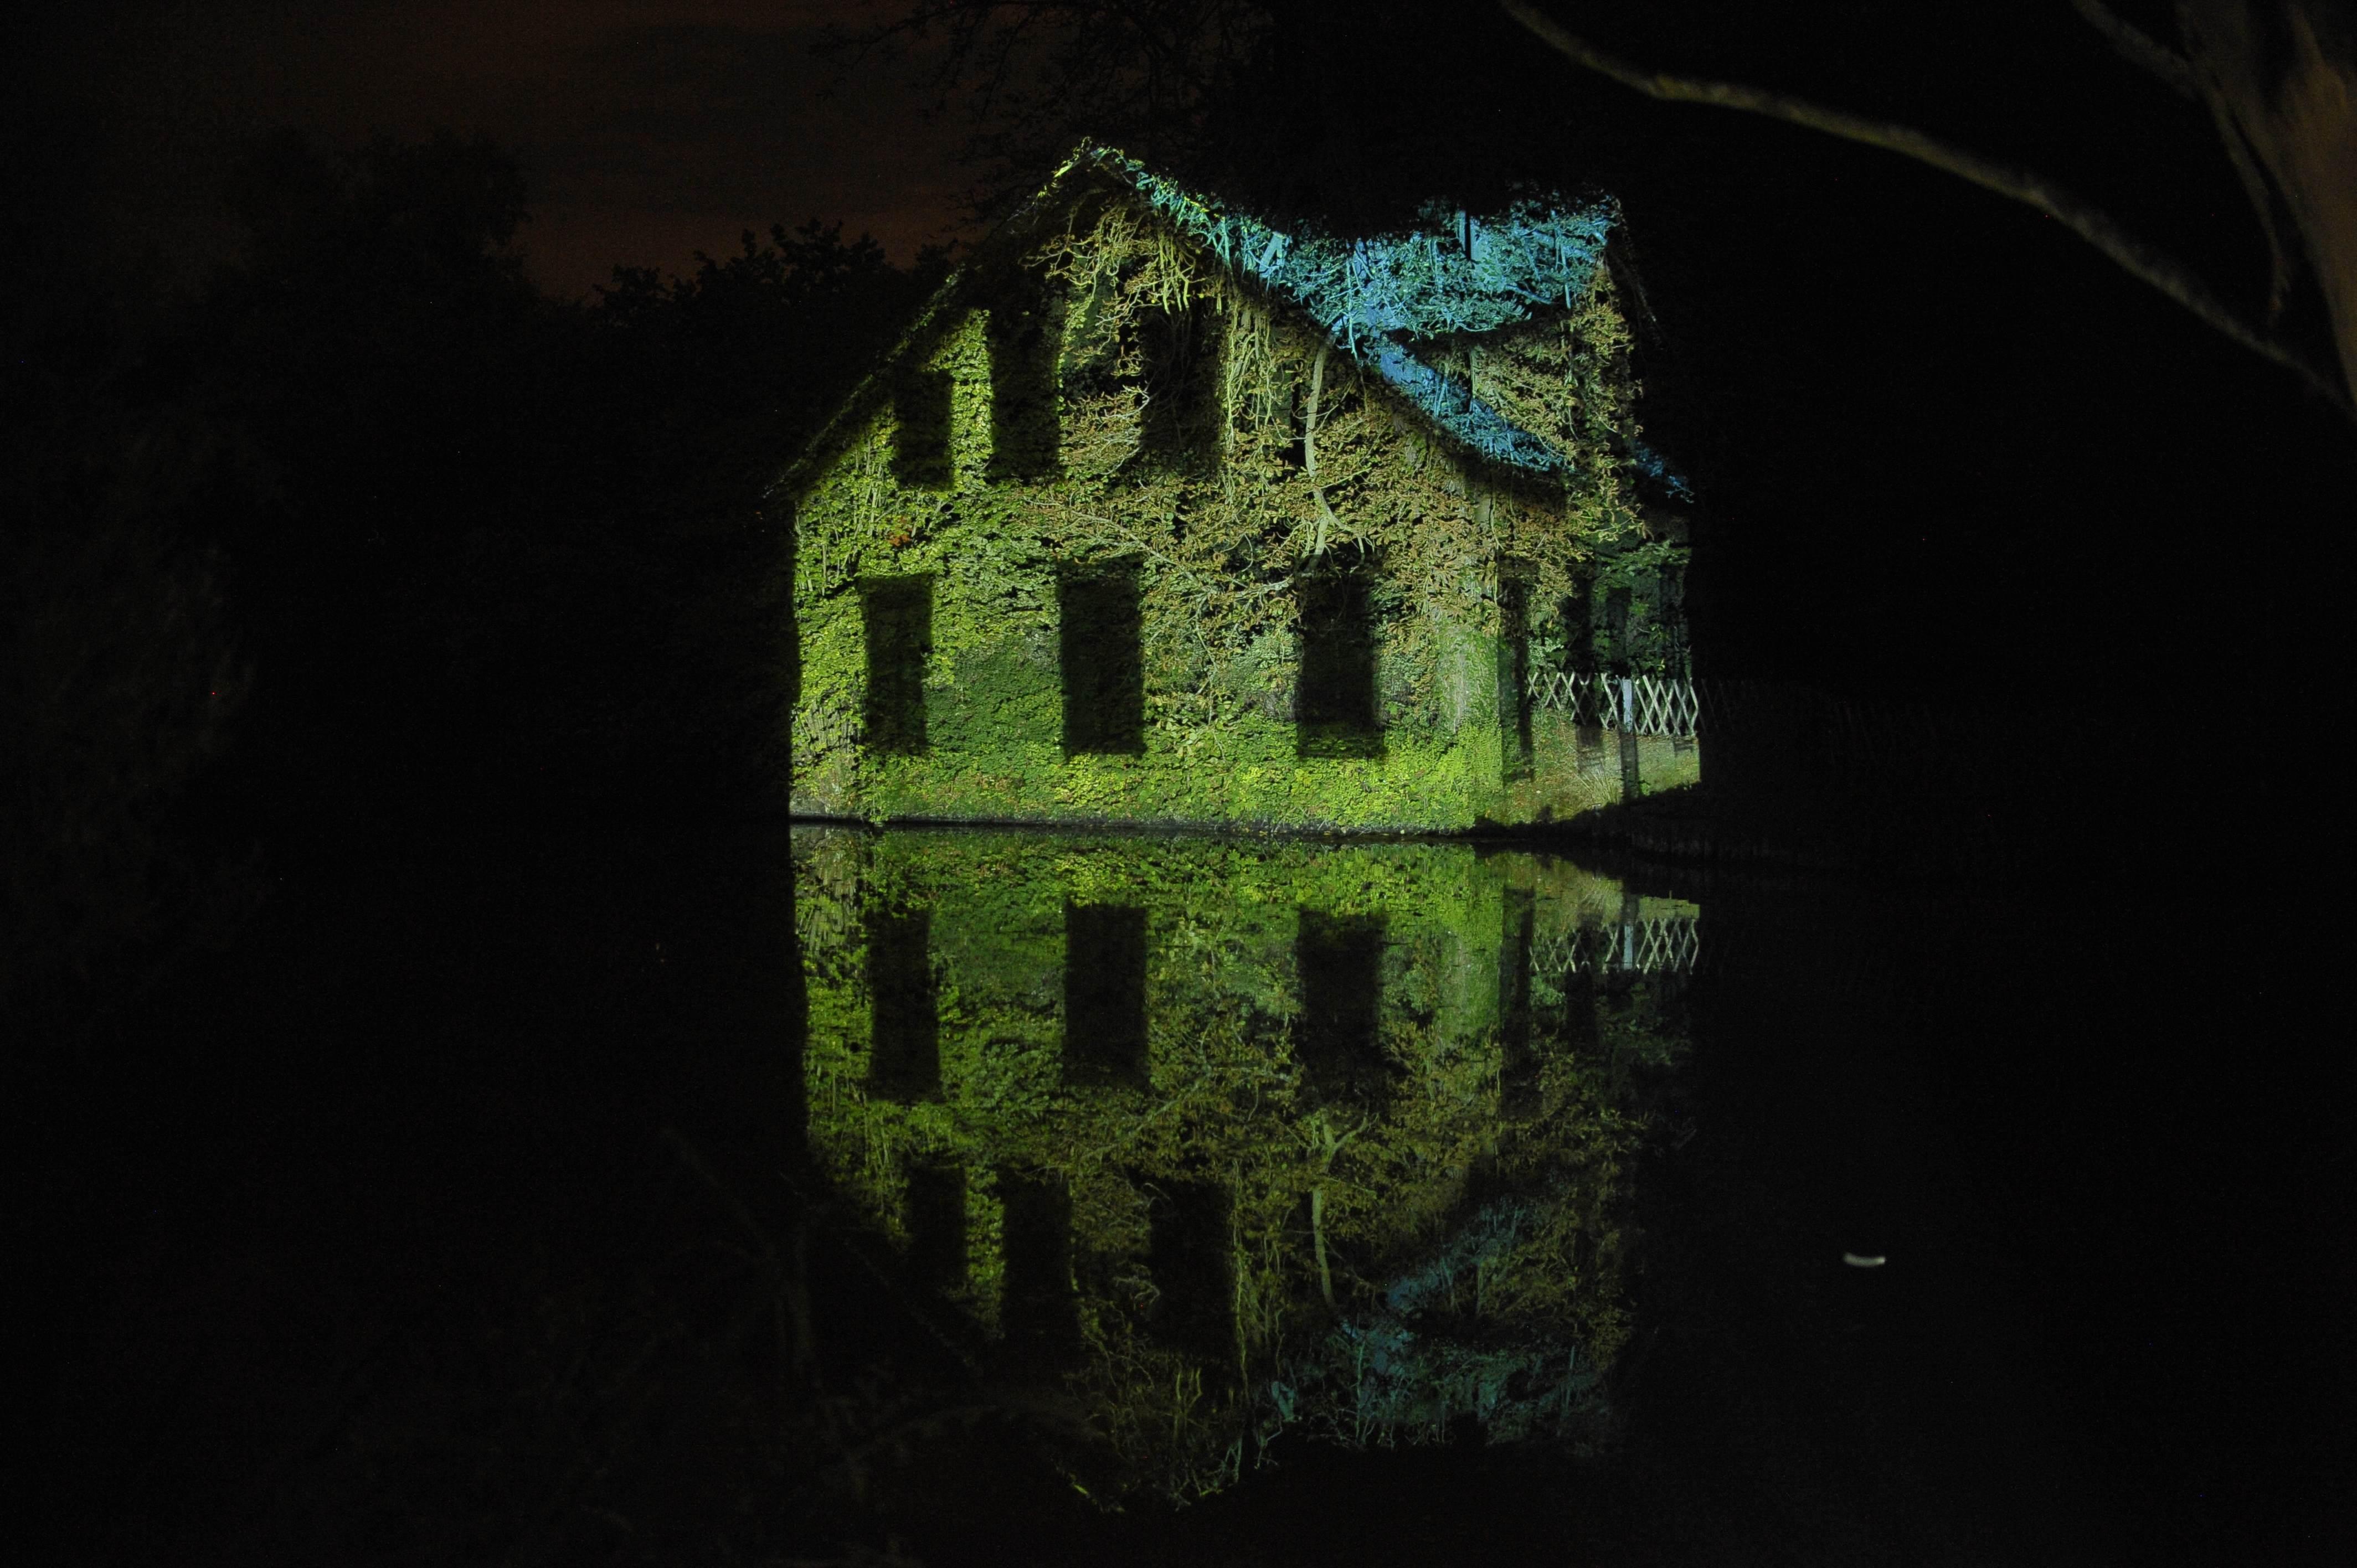 La vidéaste Sophie Laly propose une immersion dans le paysage, par le biais de projections à découvrir au fil de la nuit tombante...